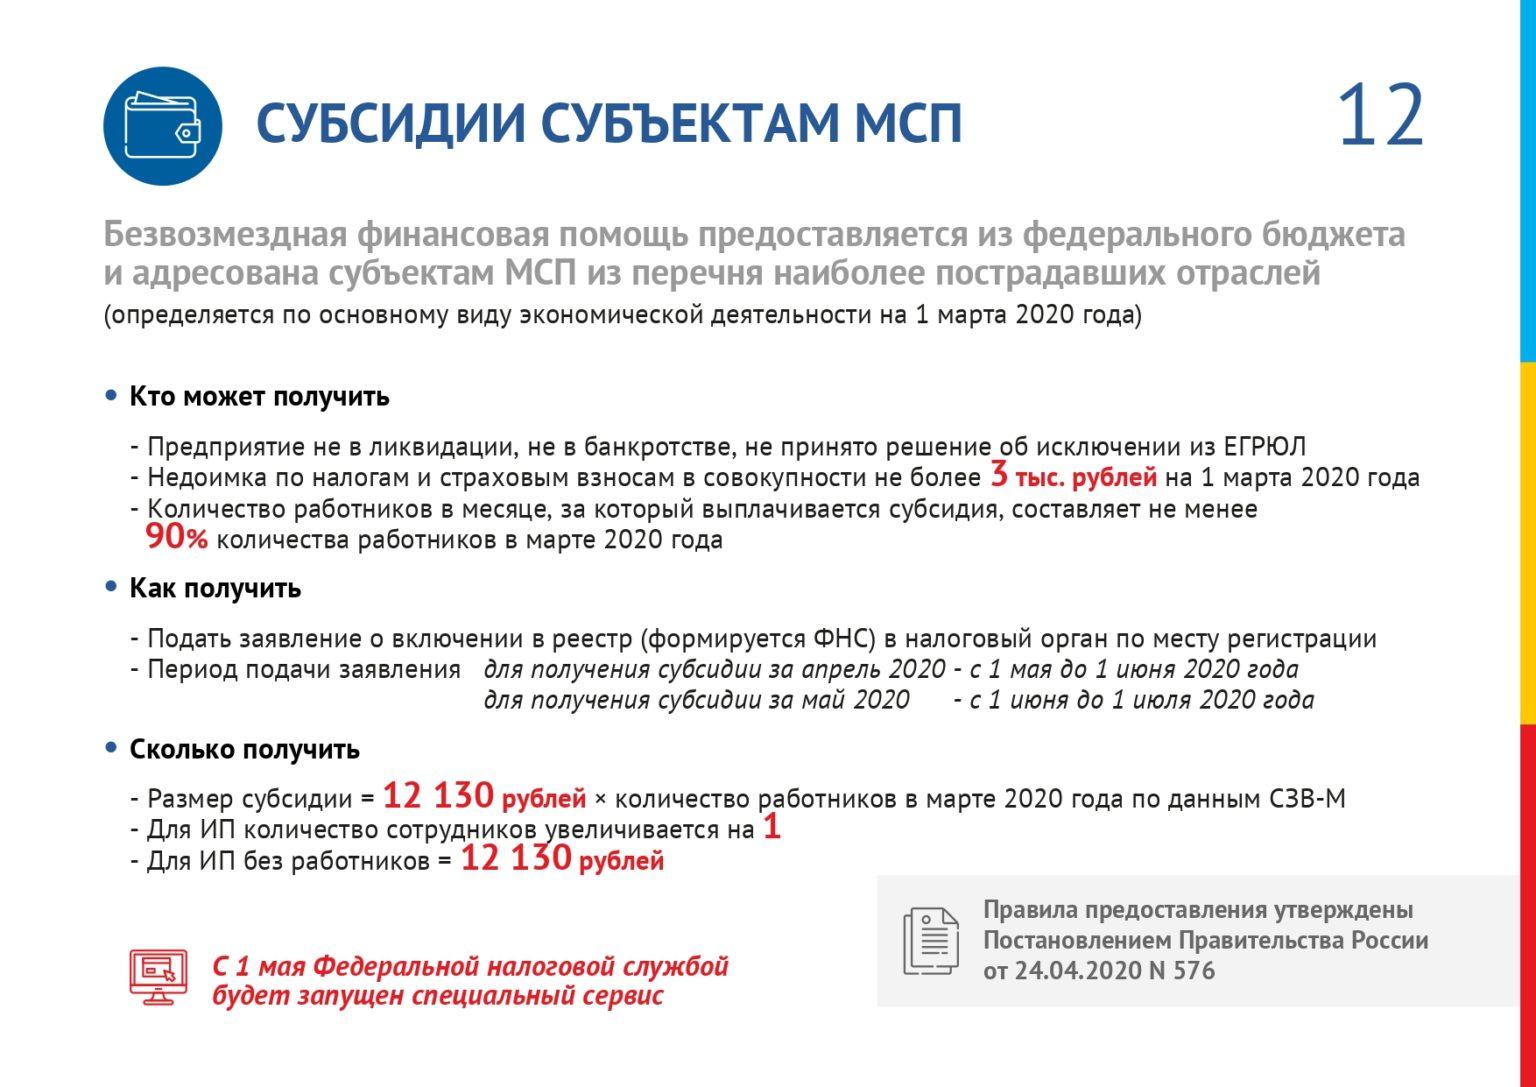 Презентация_page-0012